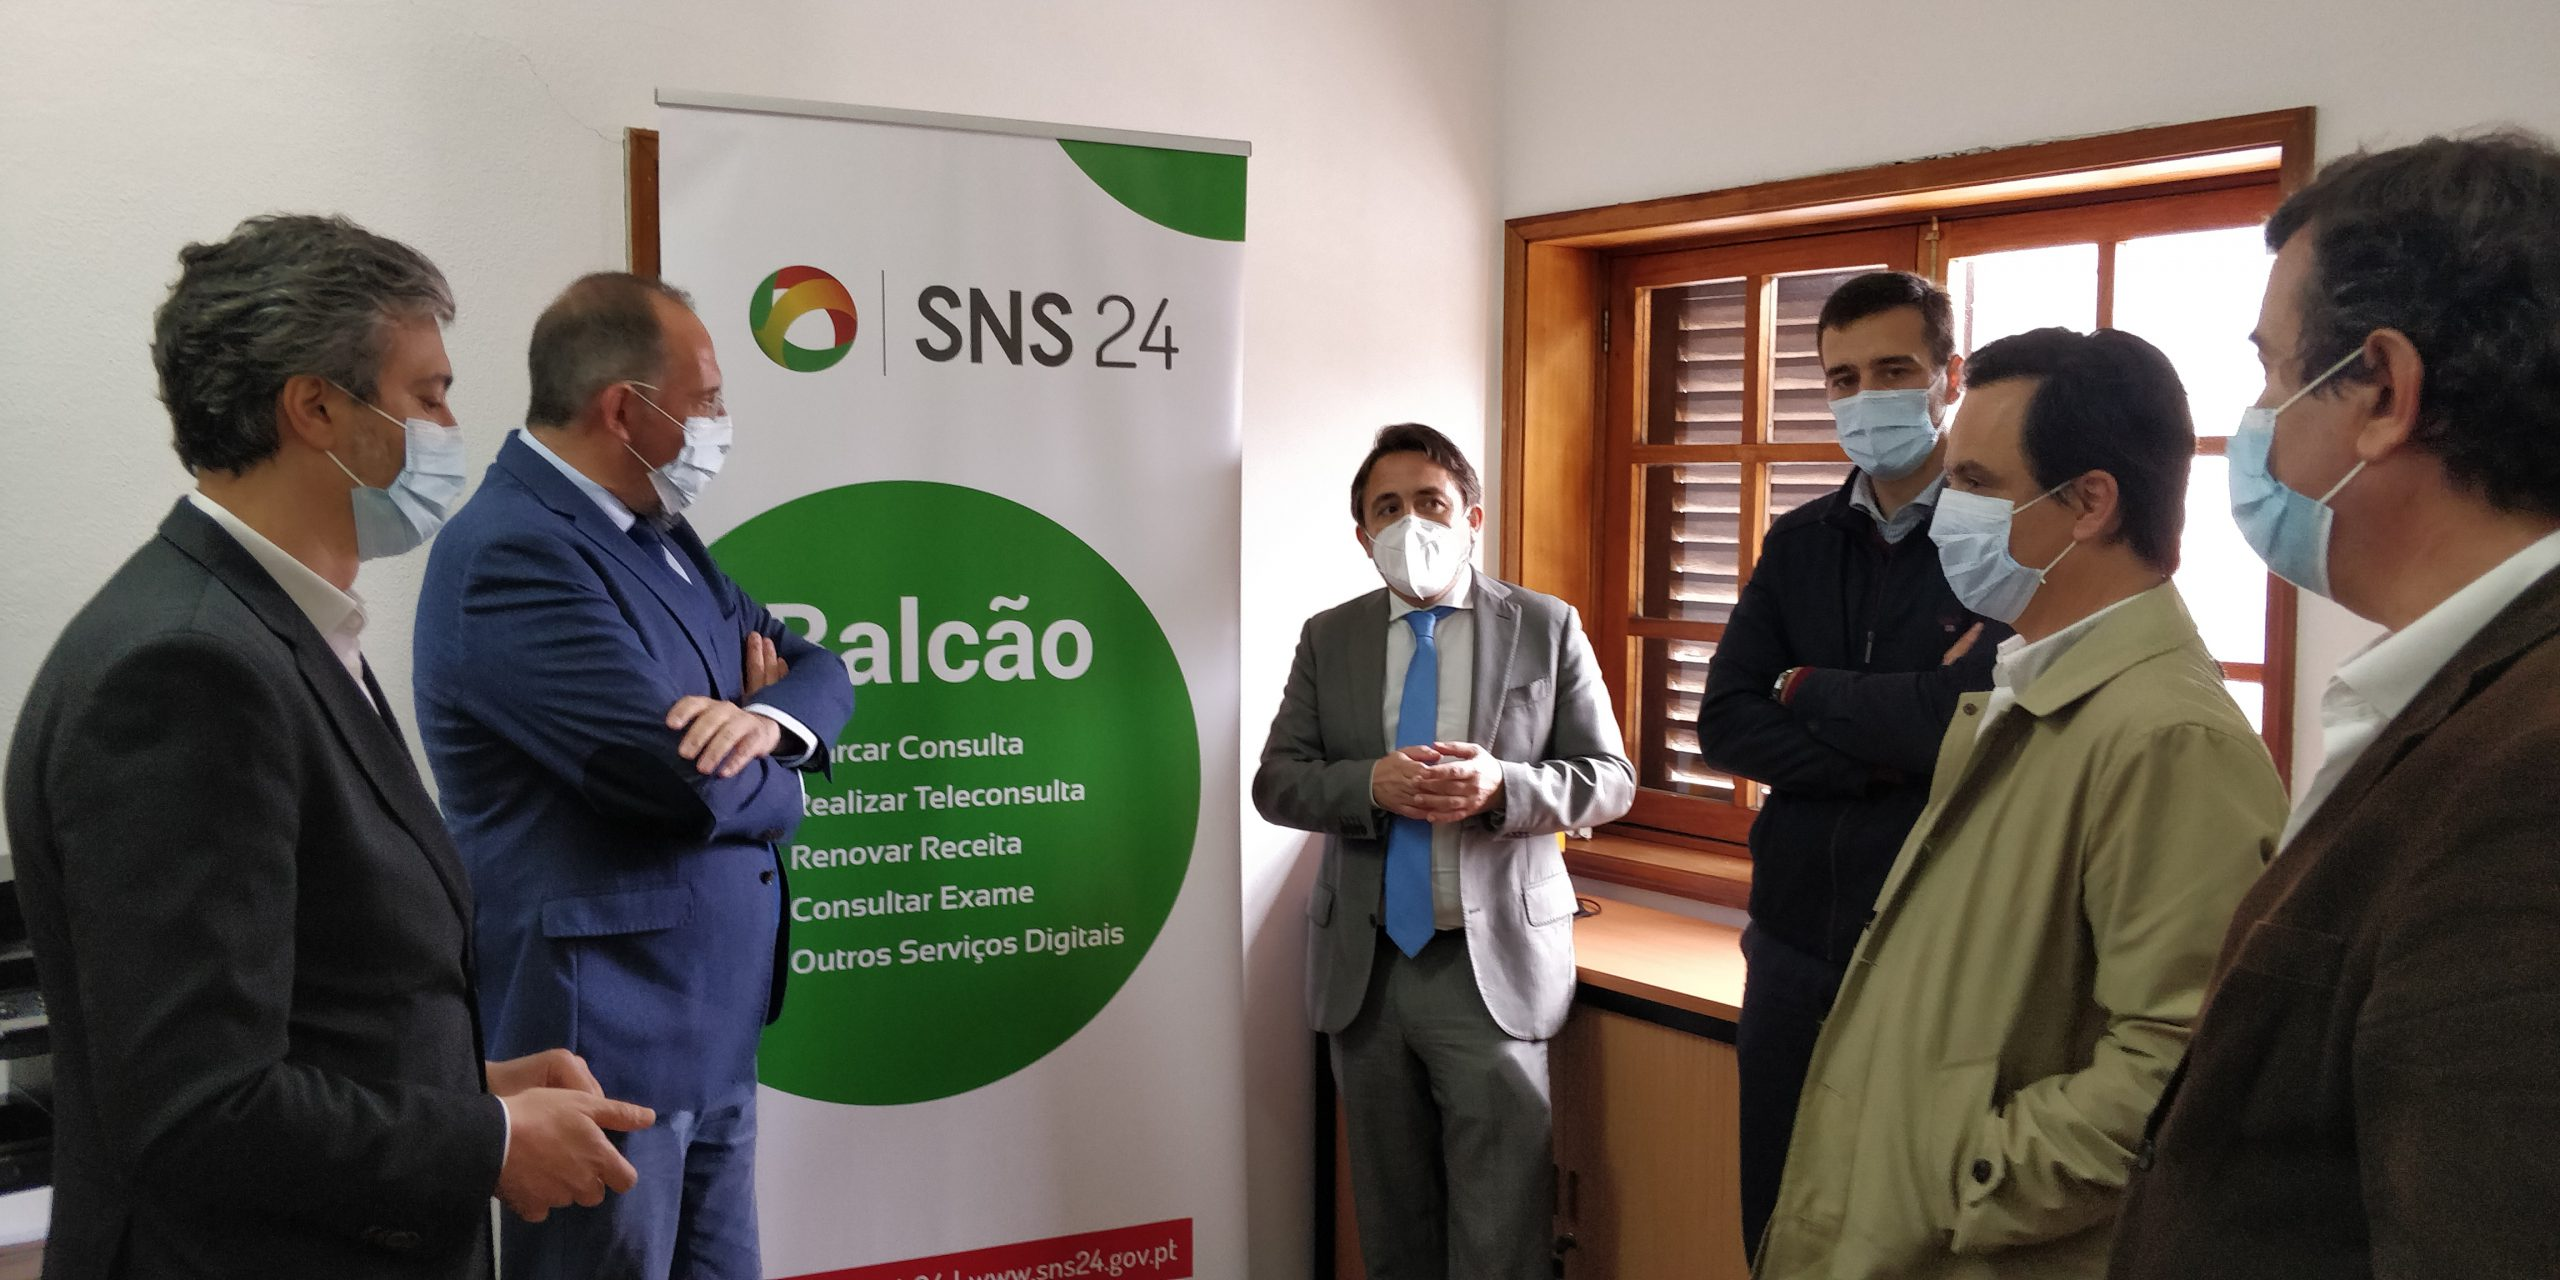 inauguração balcoes sns24regiao centro